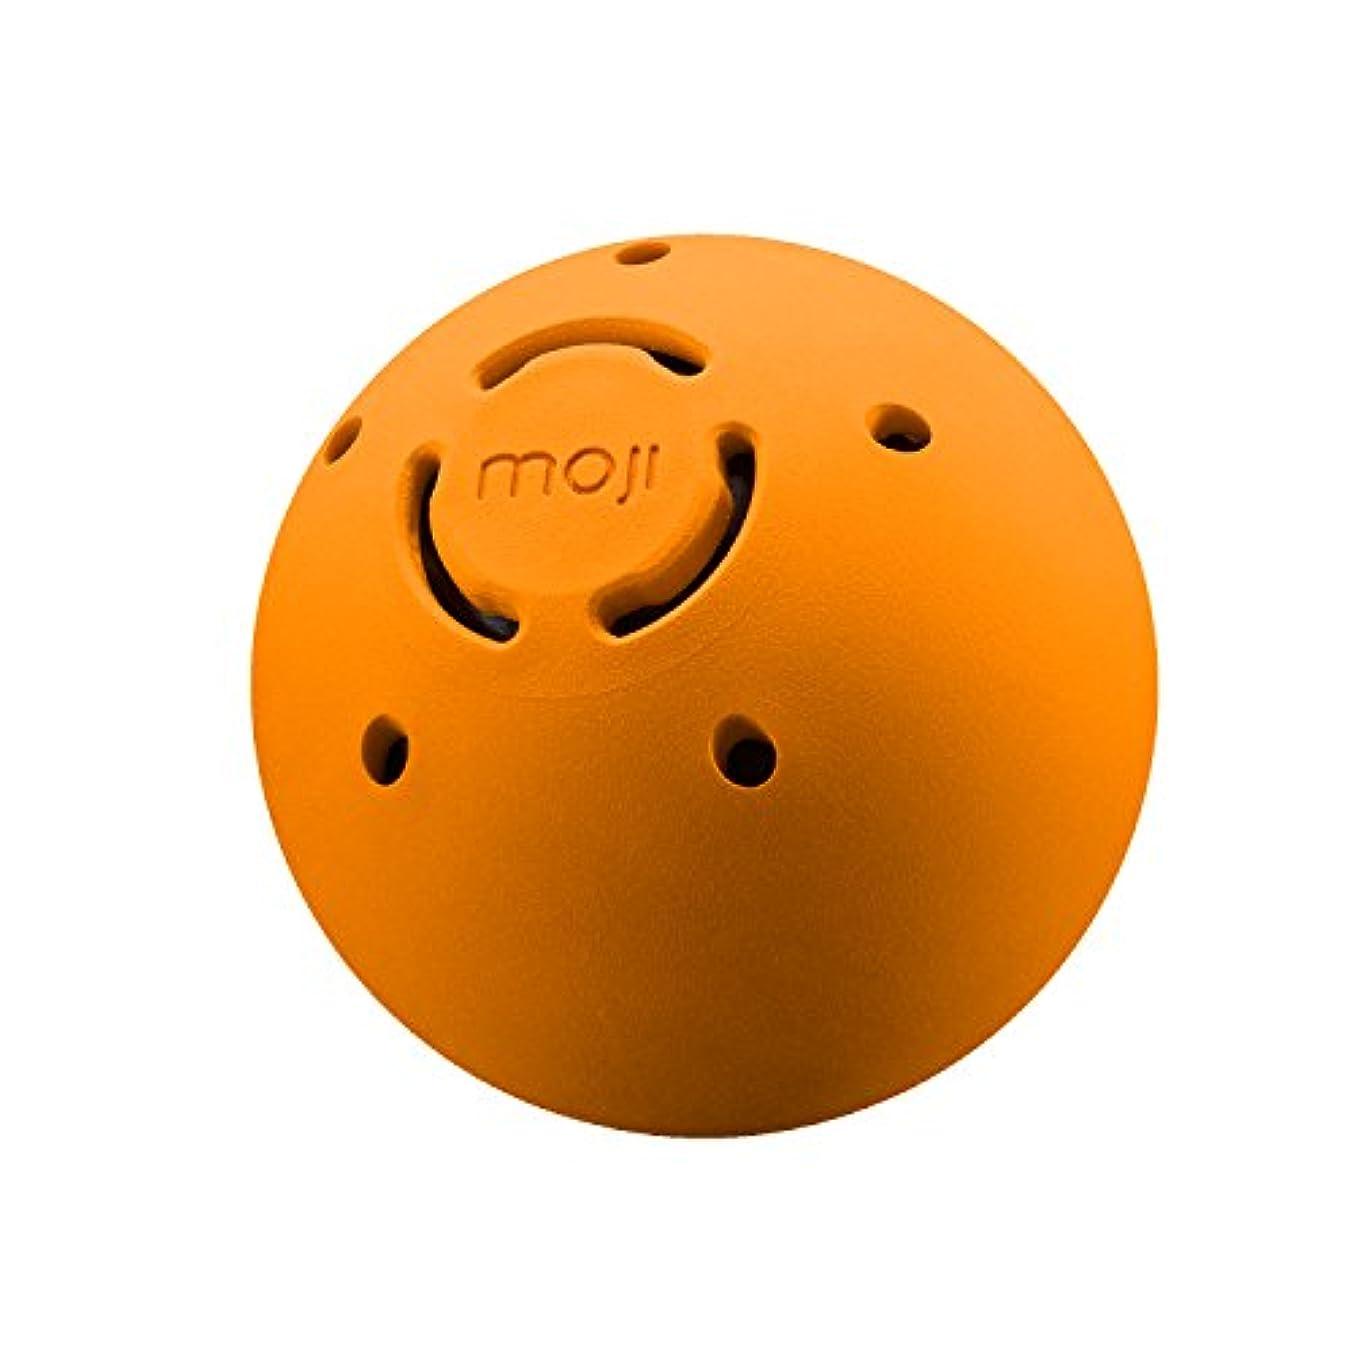 少しエジプトツイン温熱 マッサージボール 筋肉の痛み 筋肉をほぐす 血流促進 MojiHeat Massage Ball (Large)